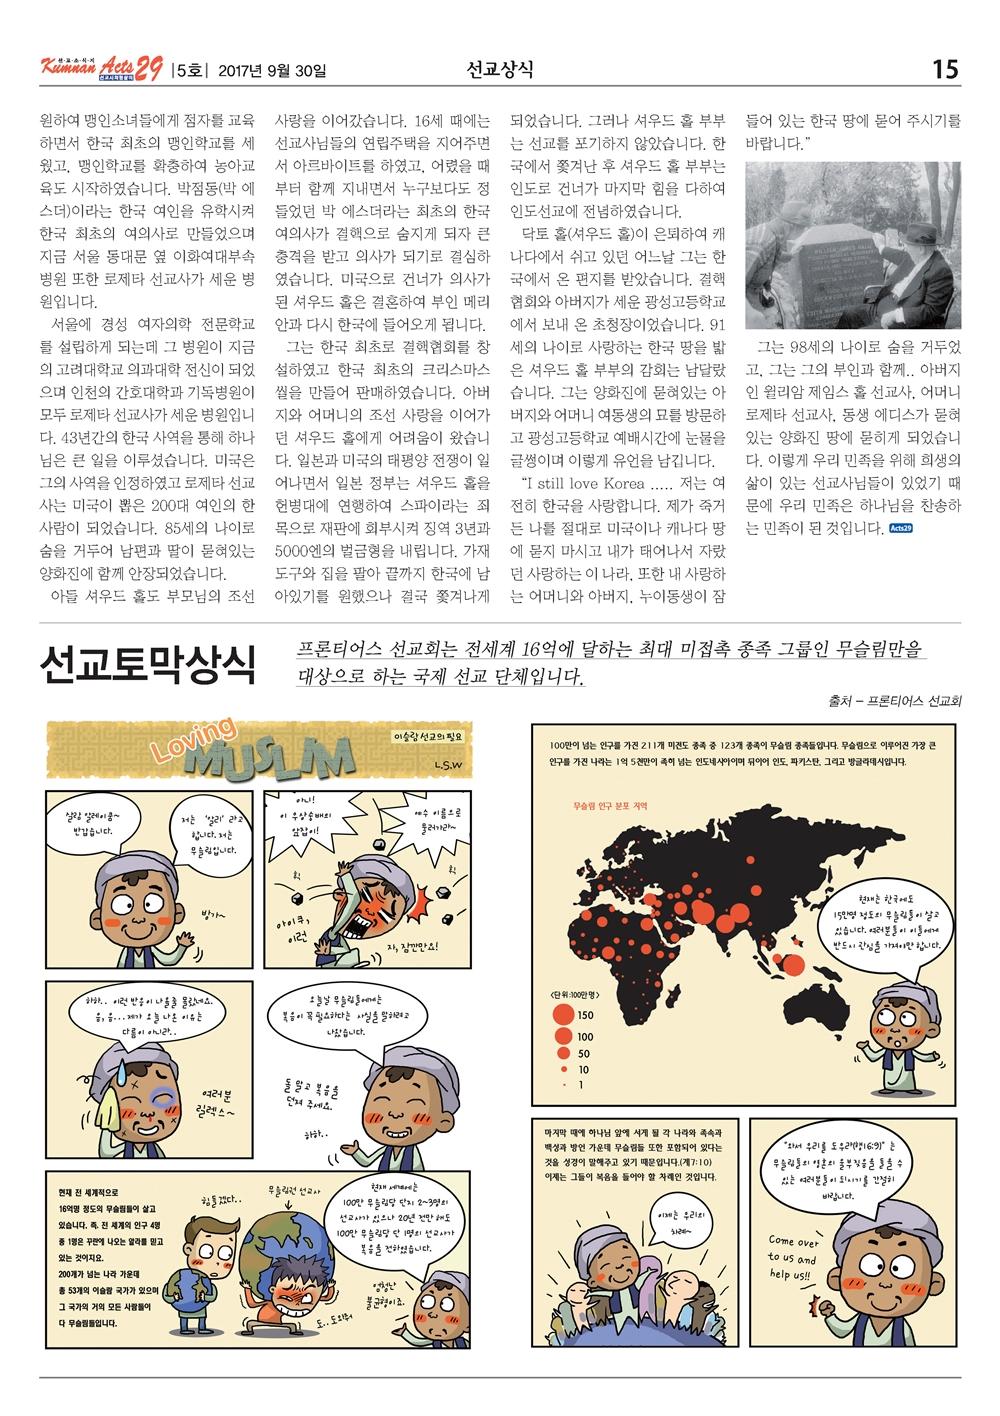 금란선교소식지 5호_Page_15.jpg